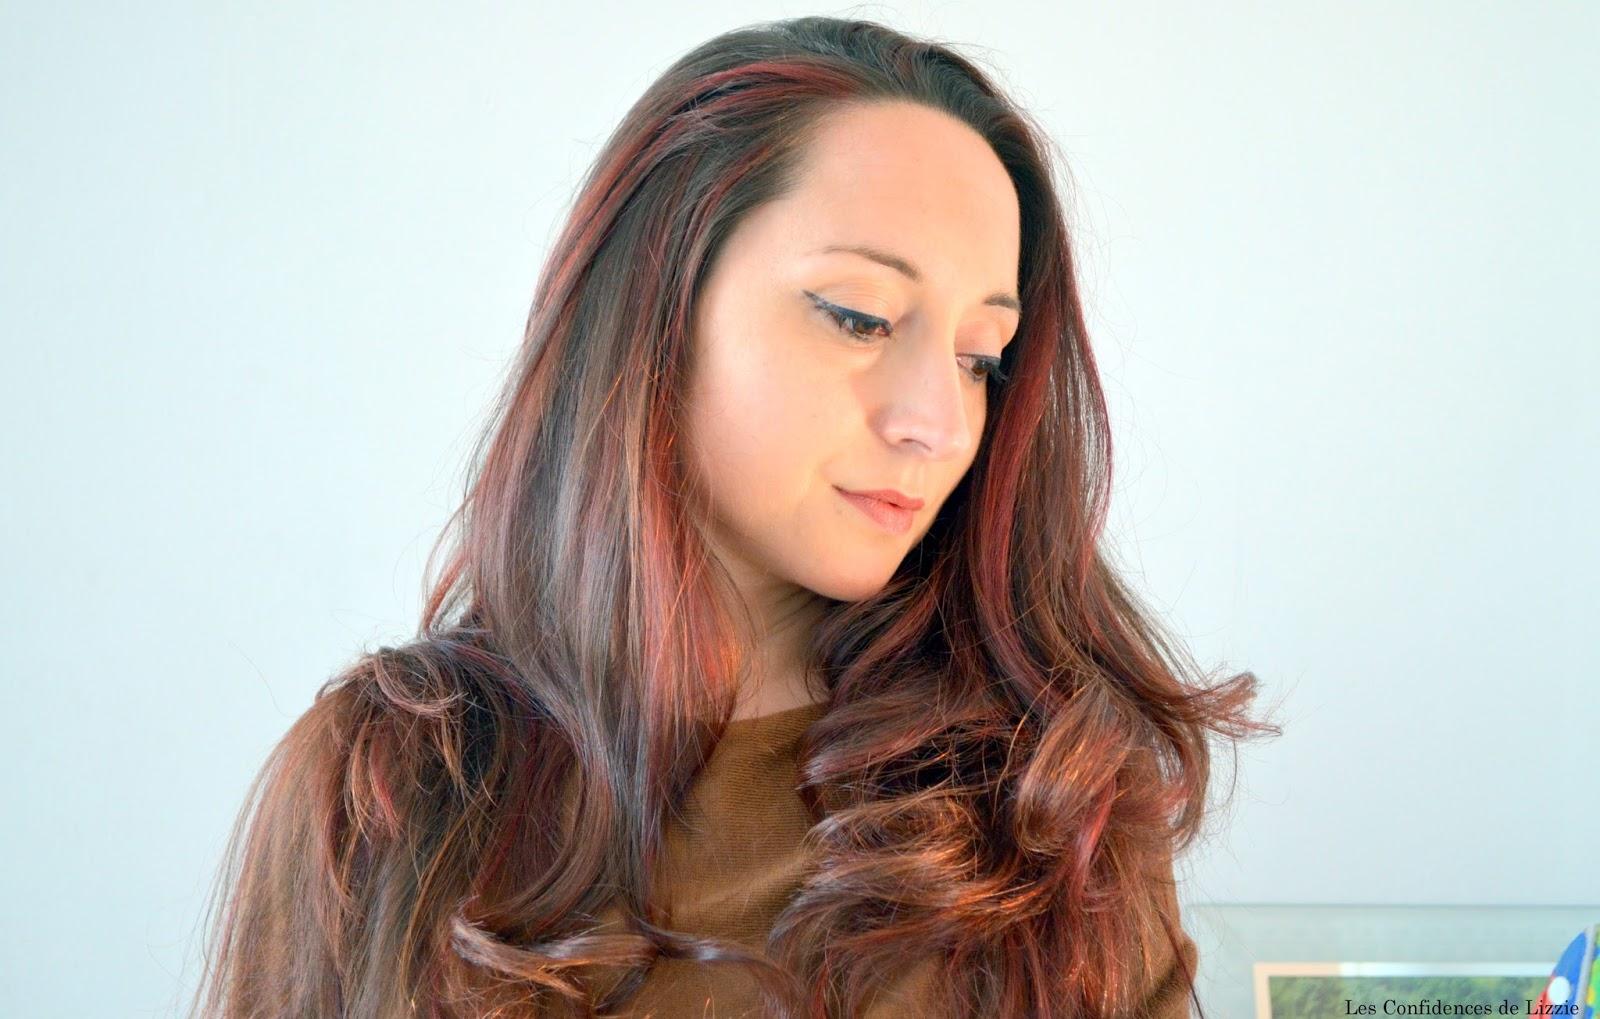 hairissime - lisseur - boucleur - cheveux brillants - boucles - faire des boucles facilement - lisser ses cheveux facilement - brushing simple - brush facile - lisseur pour cheveux